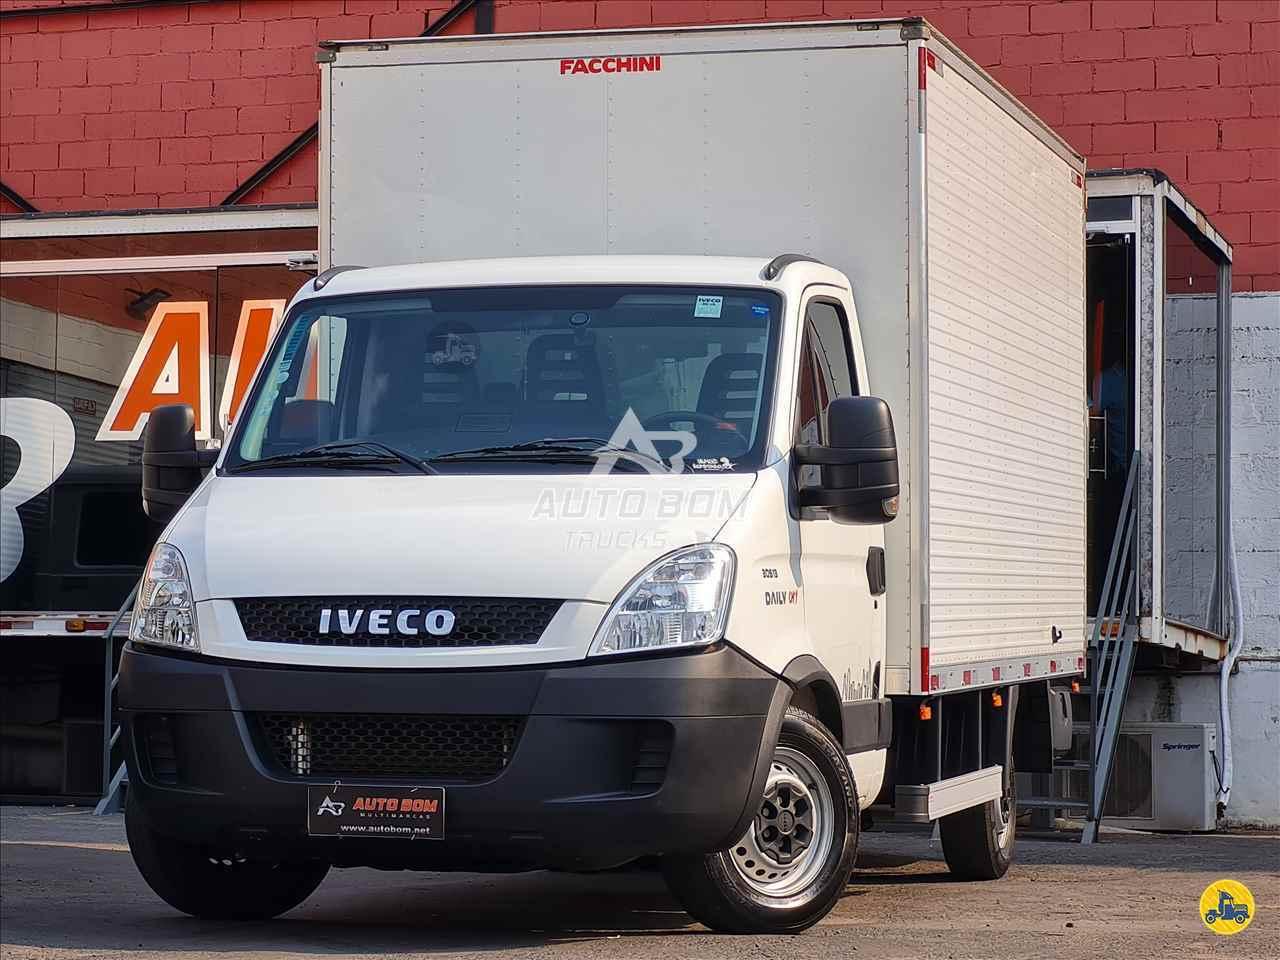 CAMINHAO IVECO DAILY 30s13  Baú Furgão 3/4 4x2 Autobom Trucks CONTAGEM MINAS GERAIS MG